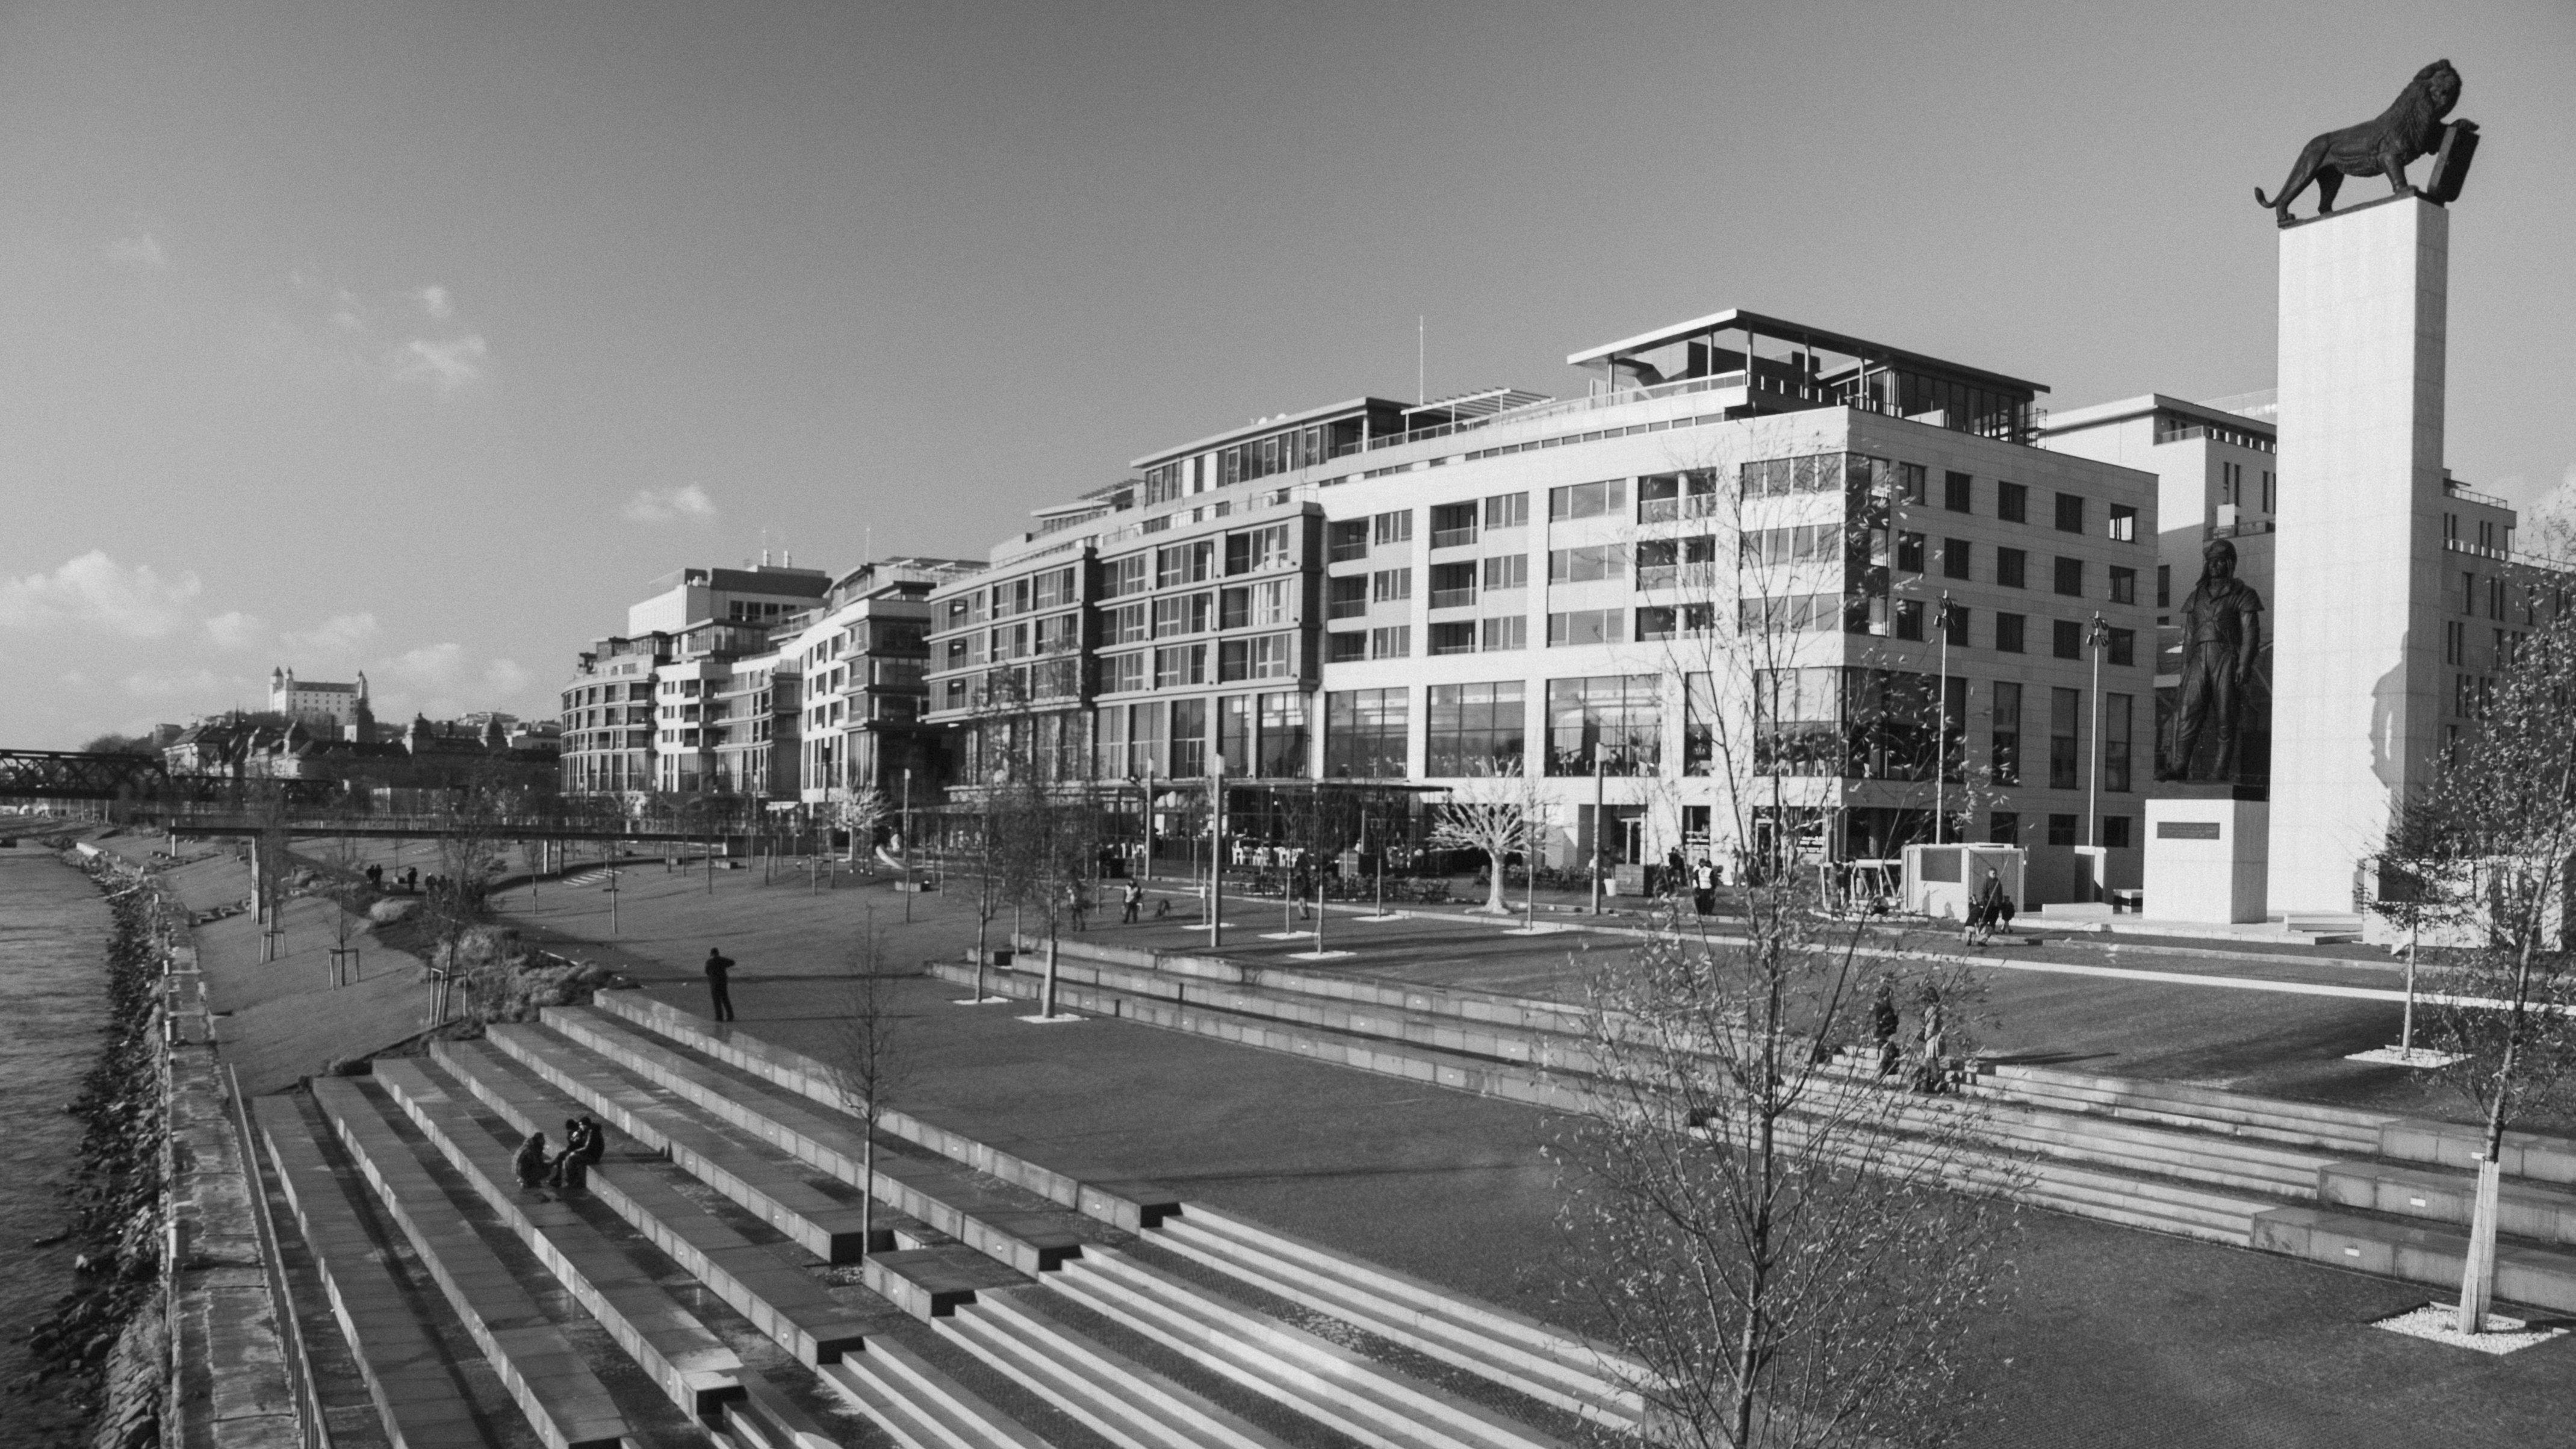 Bratislava-pano-01